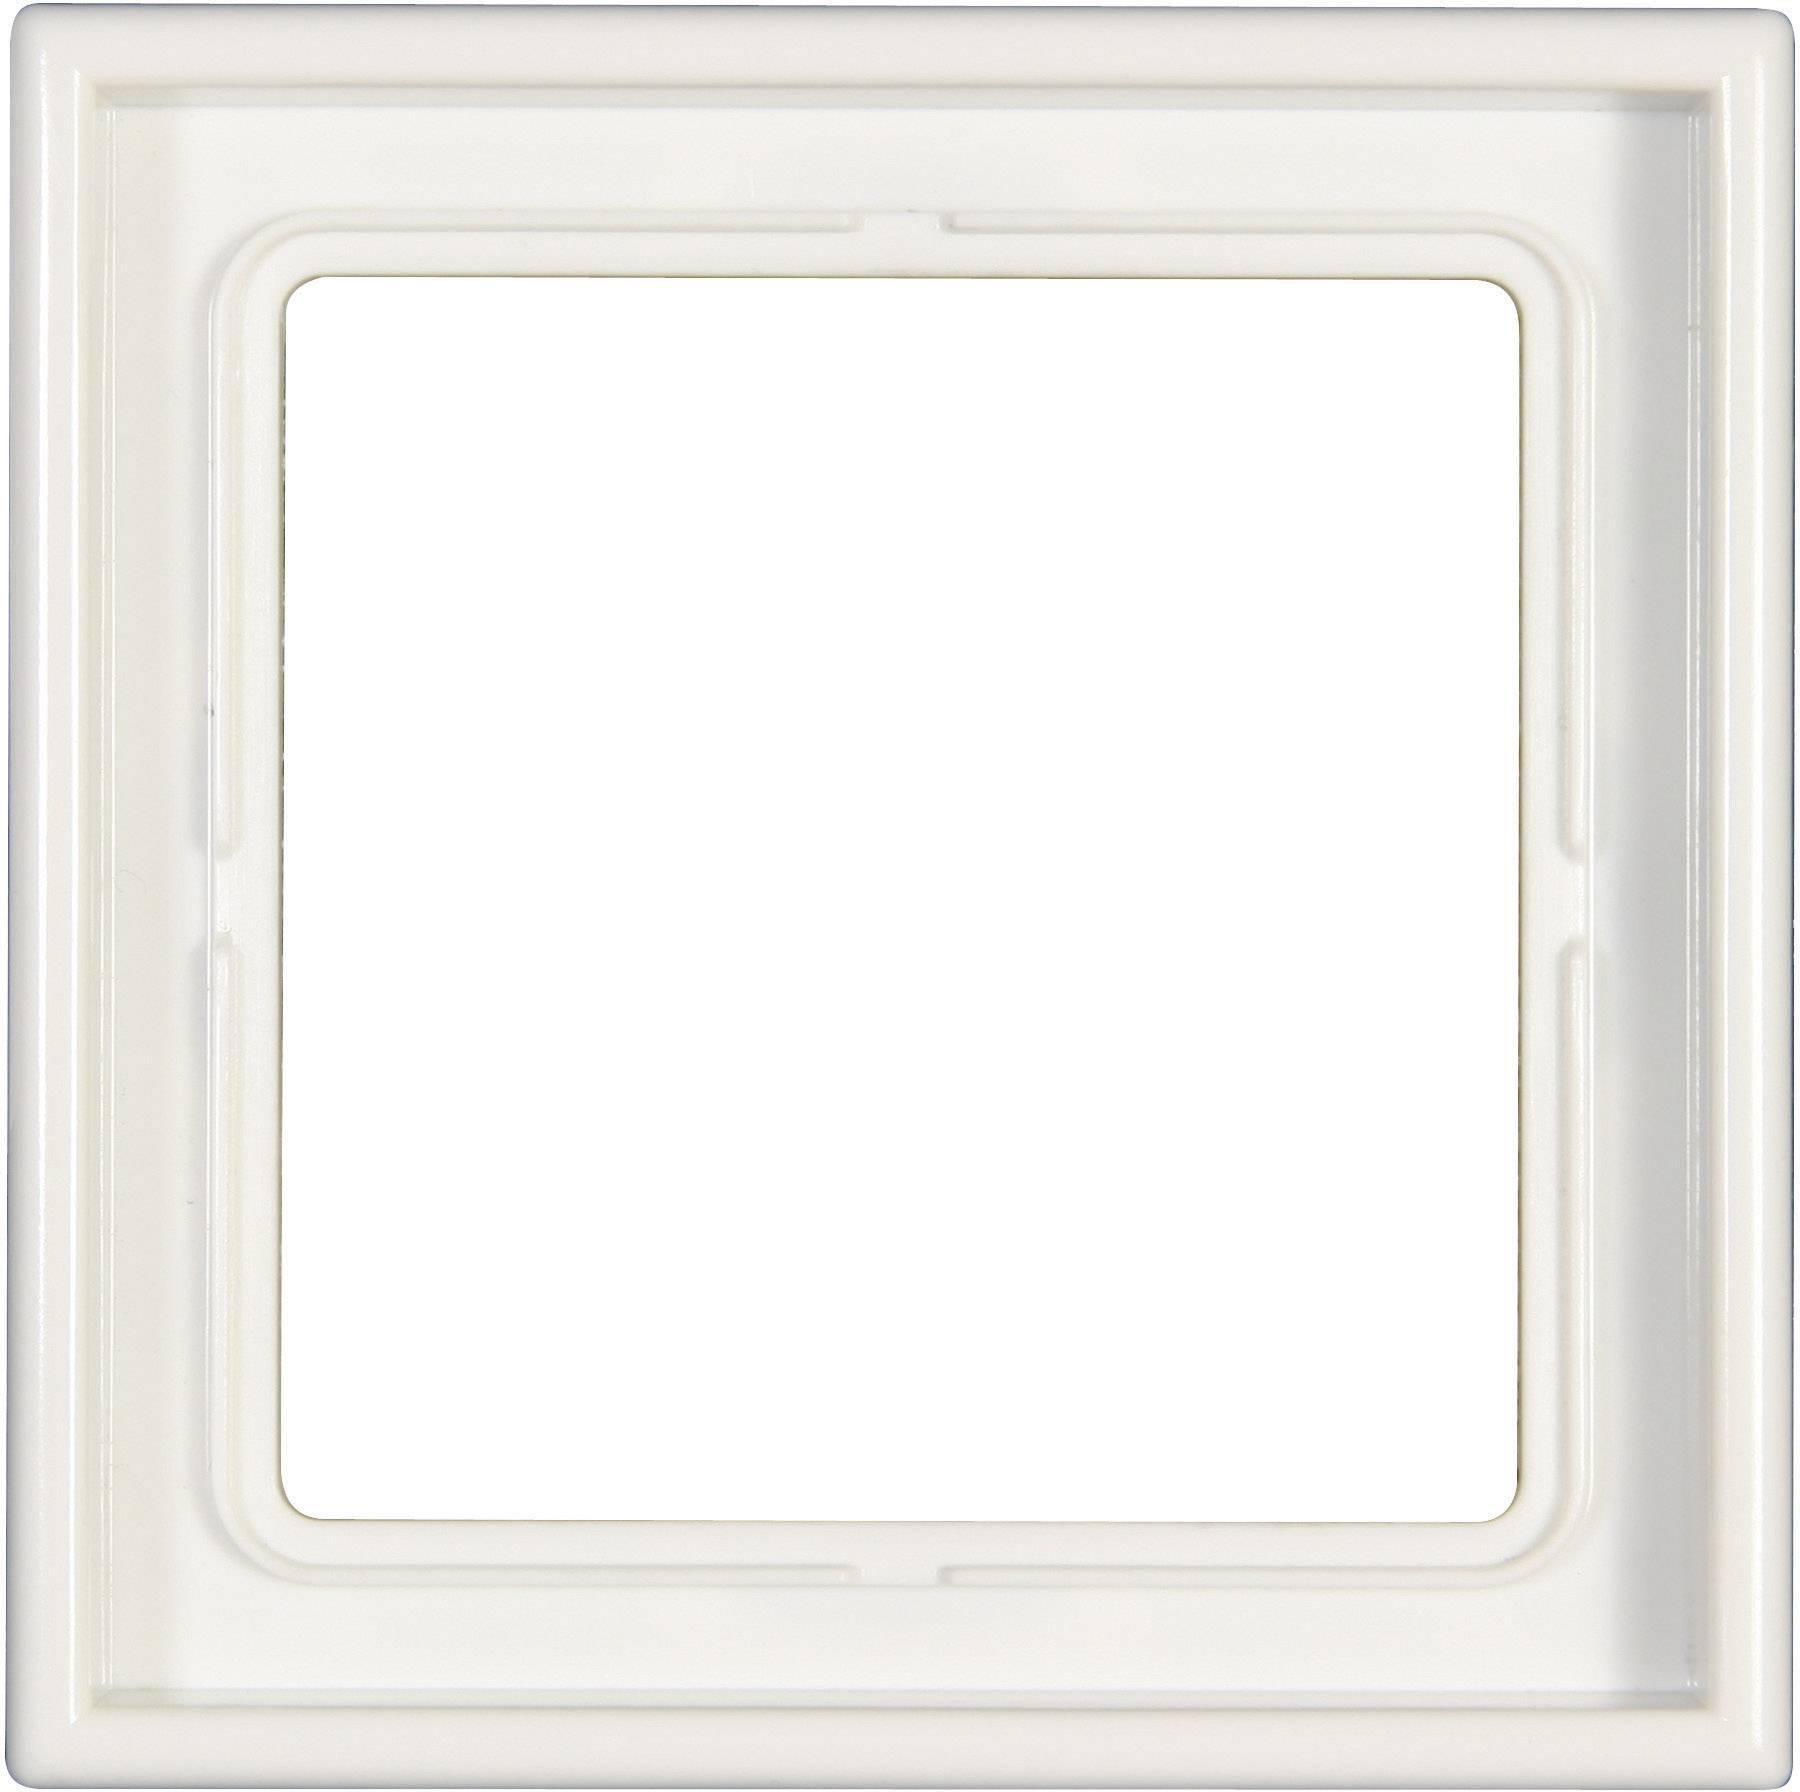 Niedlich 12x18 Bildrahmen Ziel Fotos - Benutzerdefinierte ...